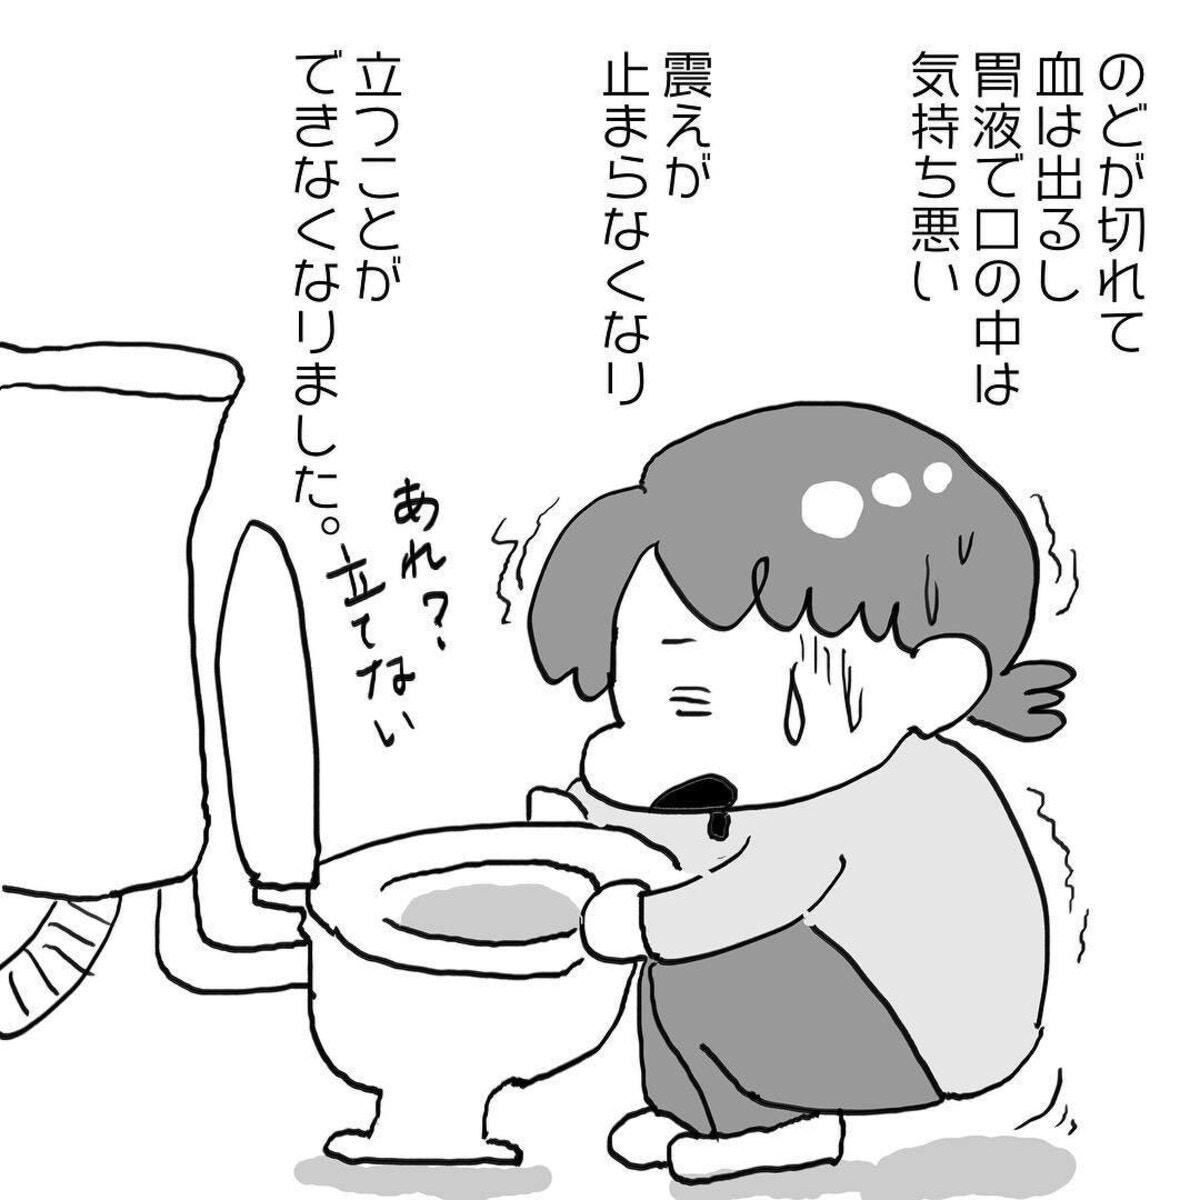 胃液 吐く 赤ちゃん